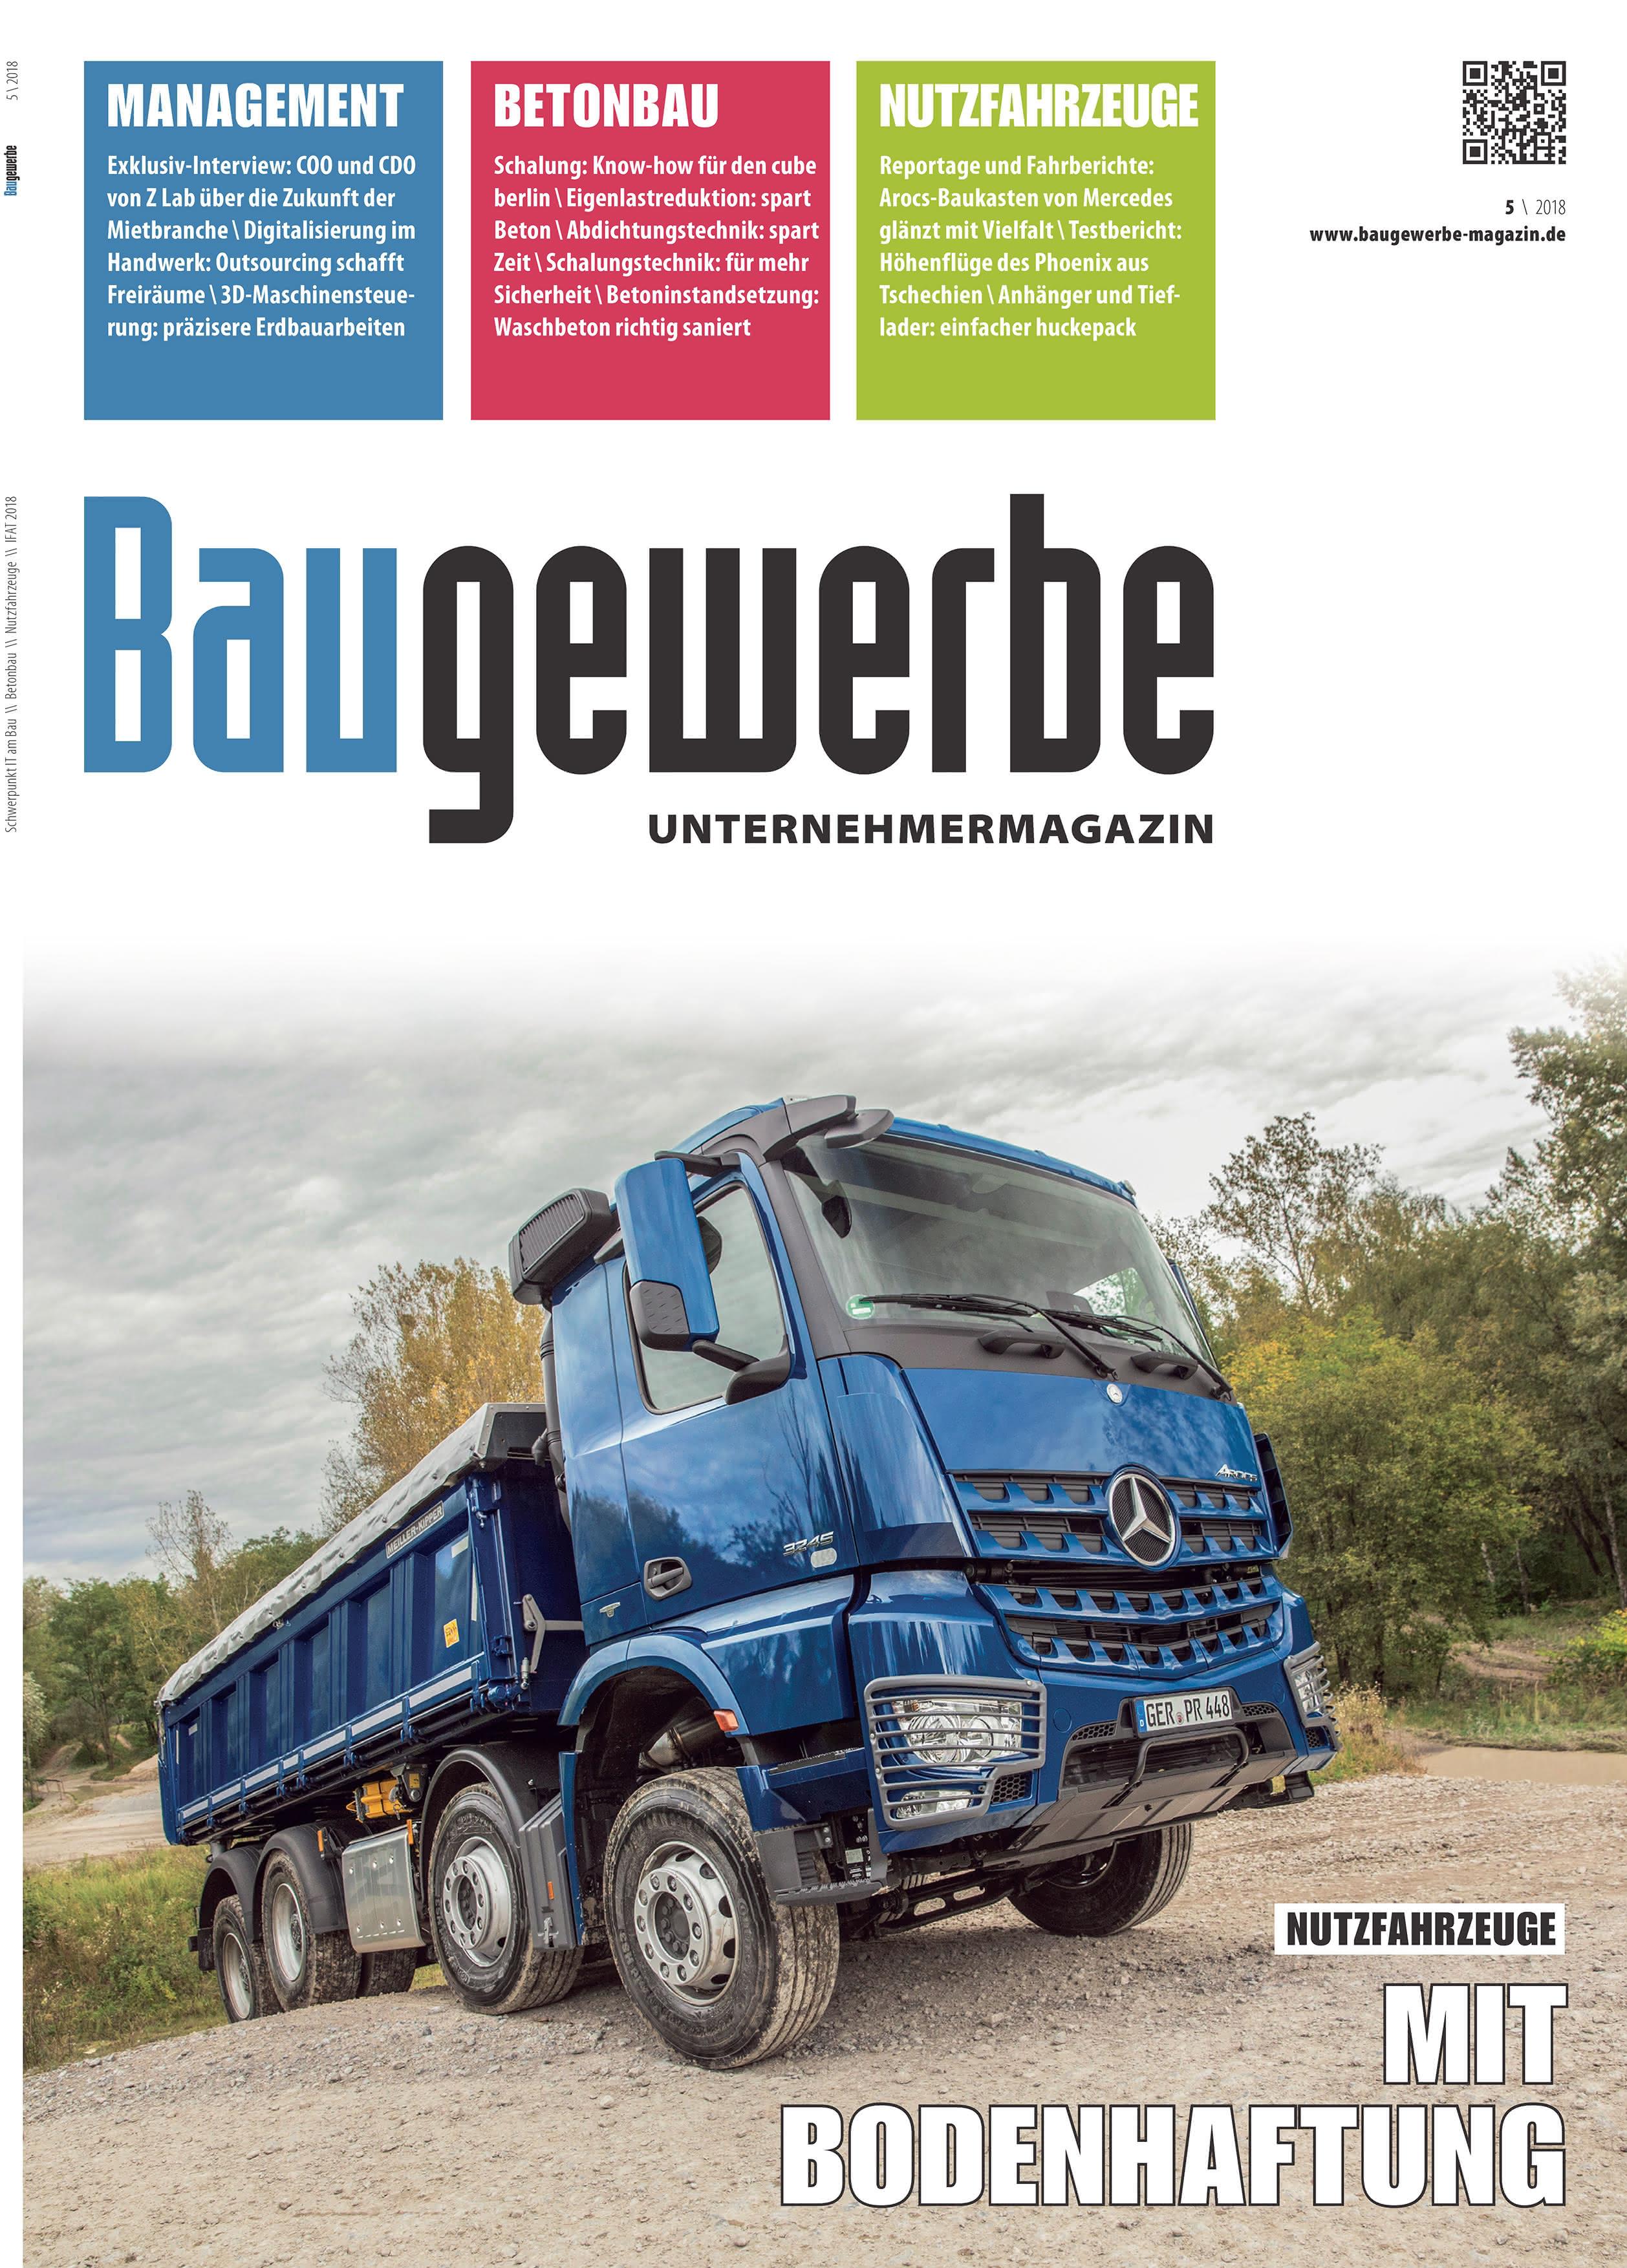 Baugewerbe 5/2018 Titelseite